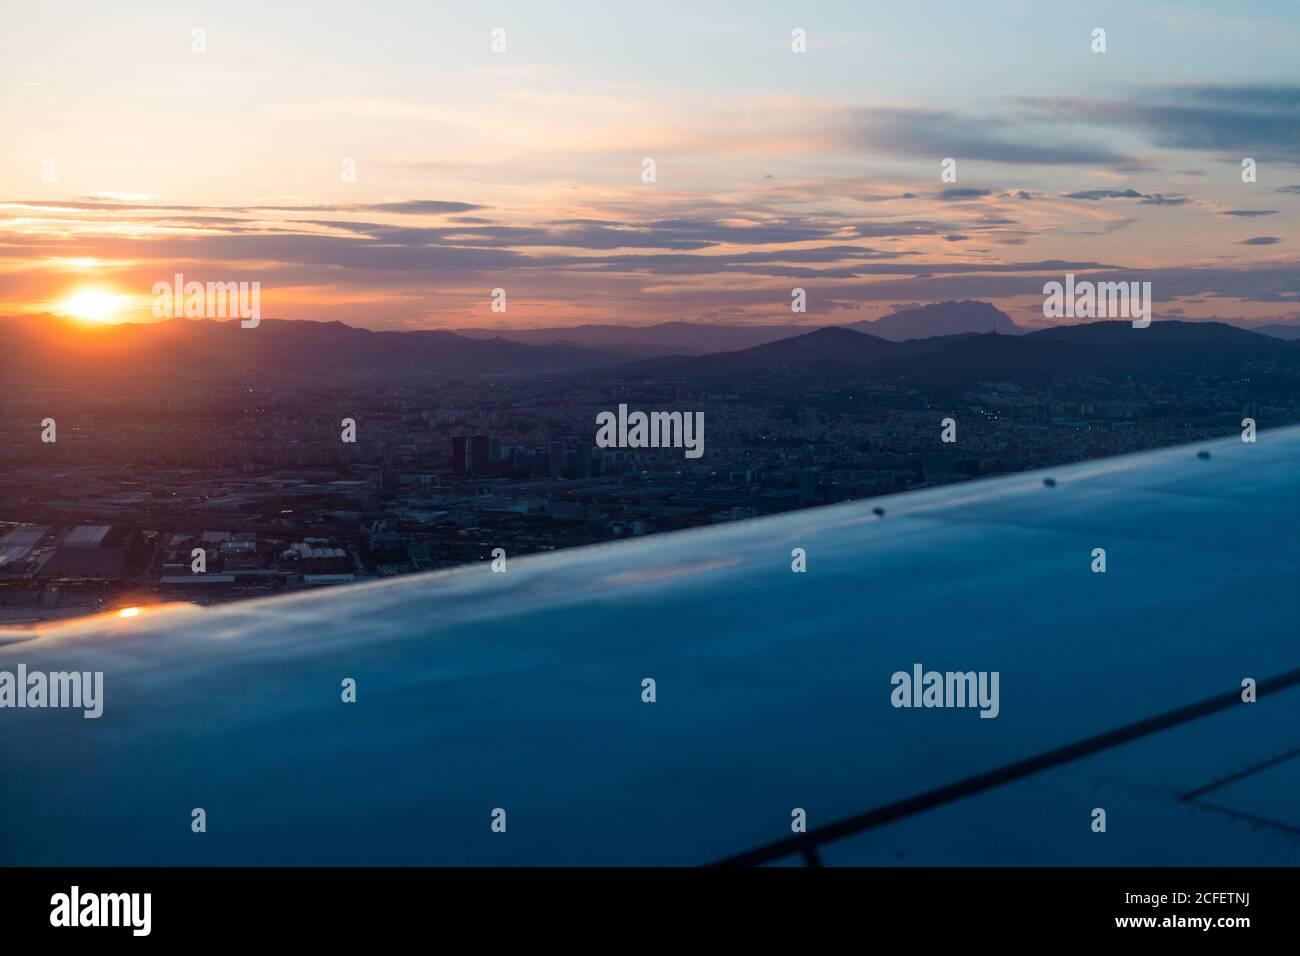 Vue depuis la fenêtre de l'aile de l'avion moderne survolant nuages denses pendant le coucher du soleil Banque D'Images